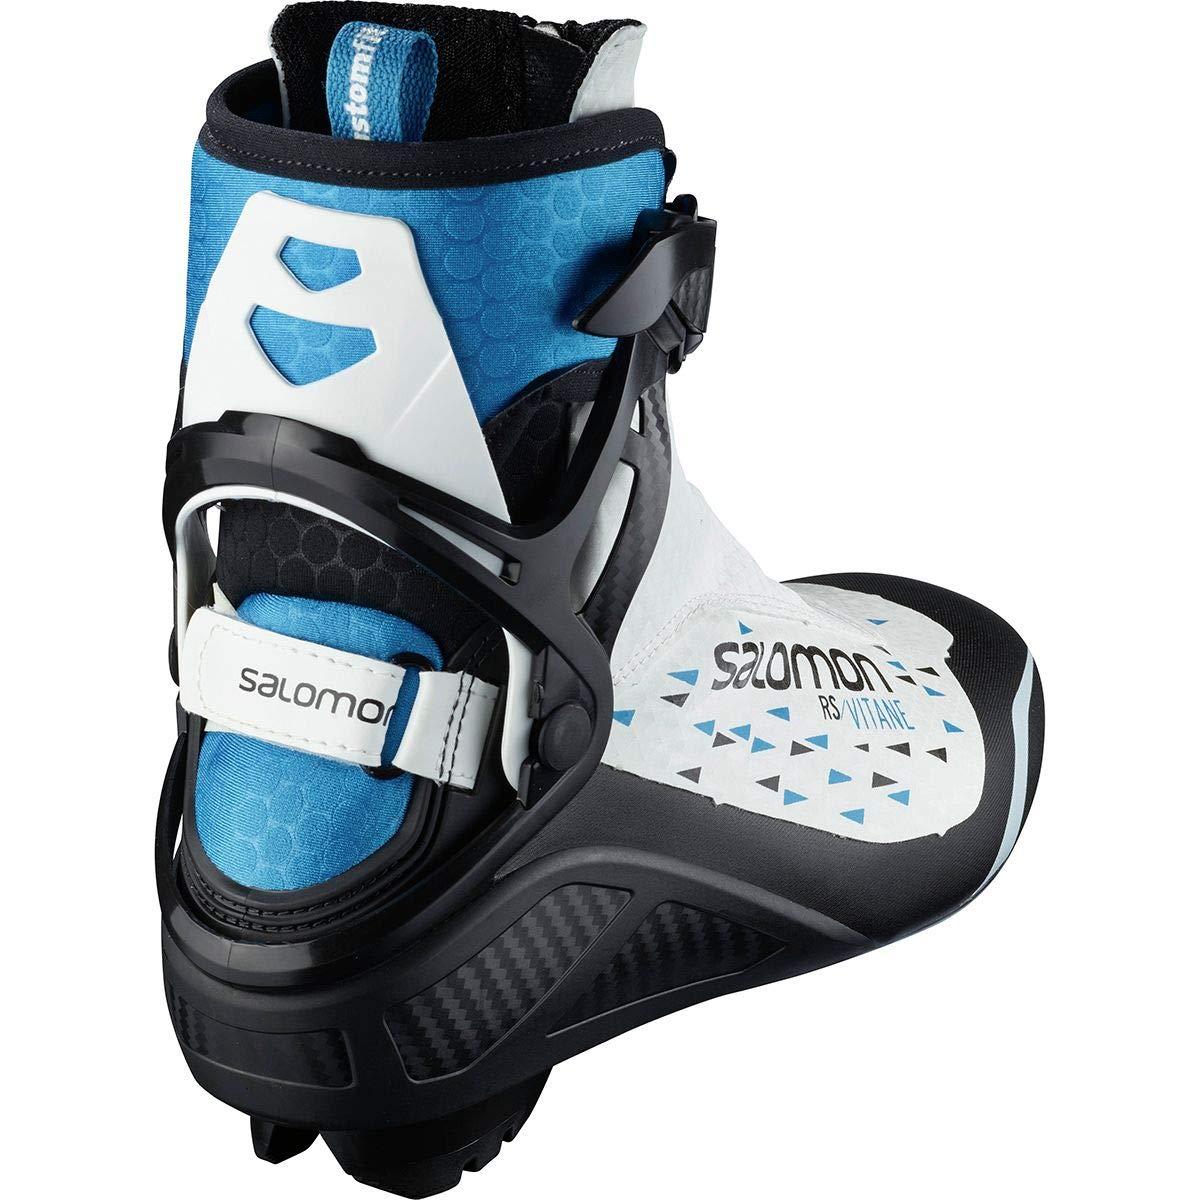 SALOMON Chaussure de Ski de Fond RS vitane Pilot WHT SK l